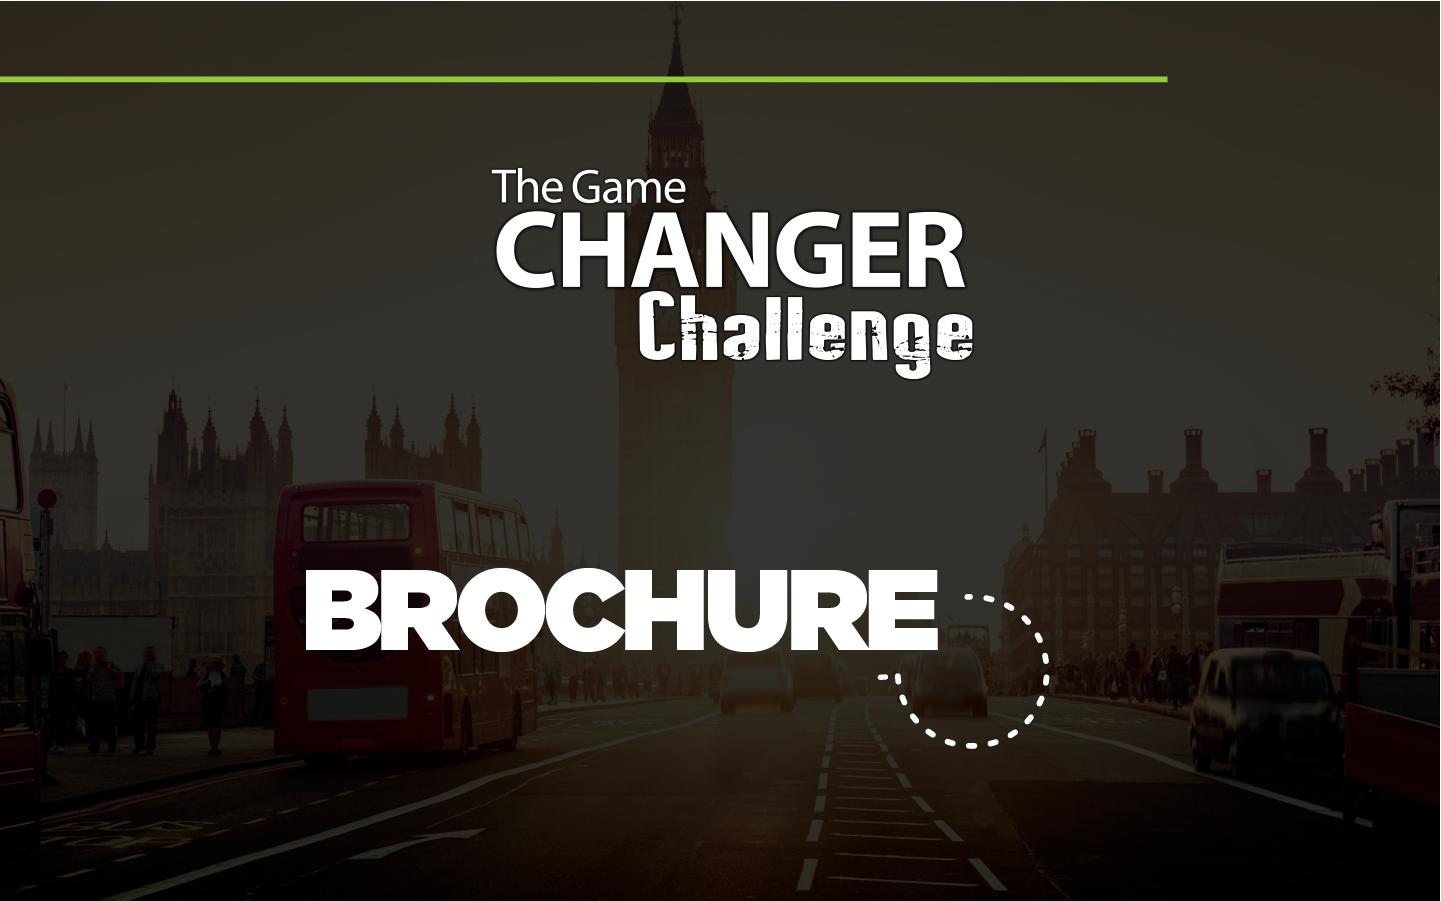 The Game Changer Challenge - DEL 29 DE ENERO AL 03 DE FEBRERO 2018